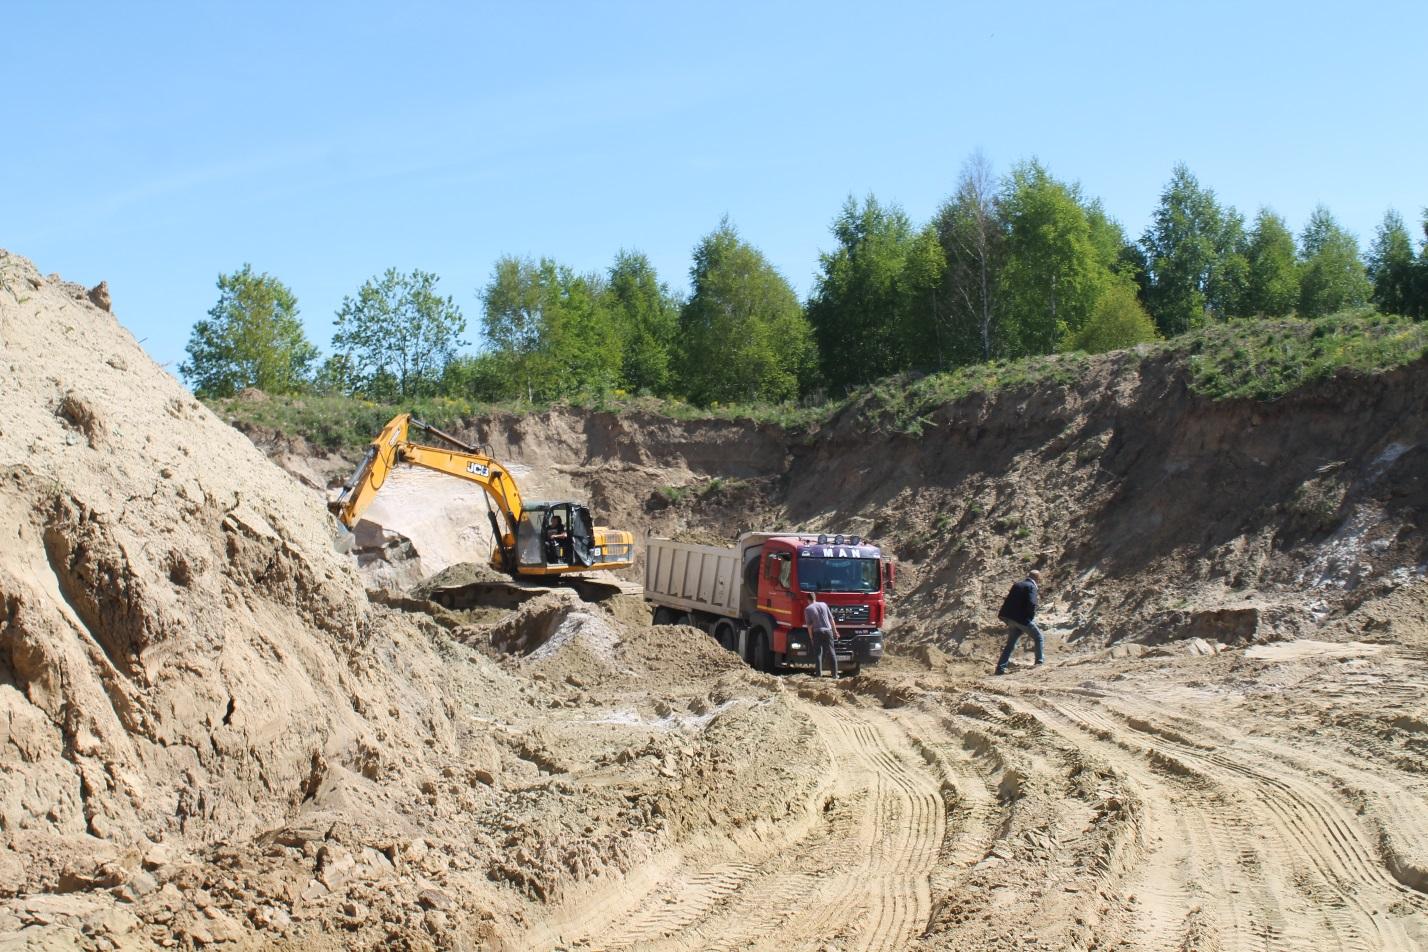 ОНФ инициировало проверку незаконной добычи песка и чернозема в Кировской области